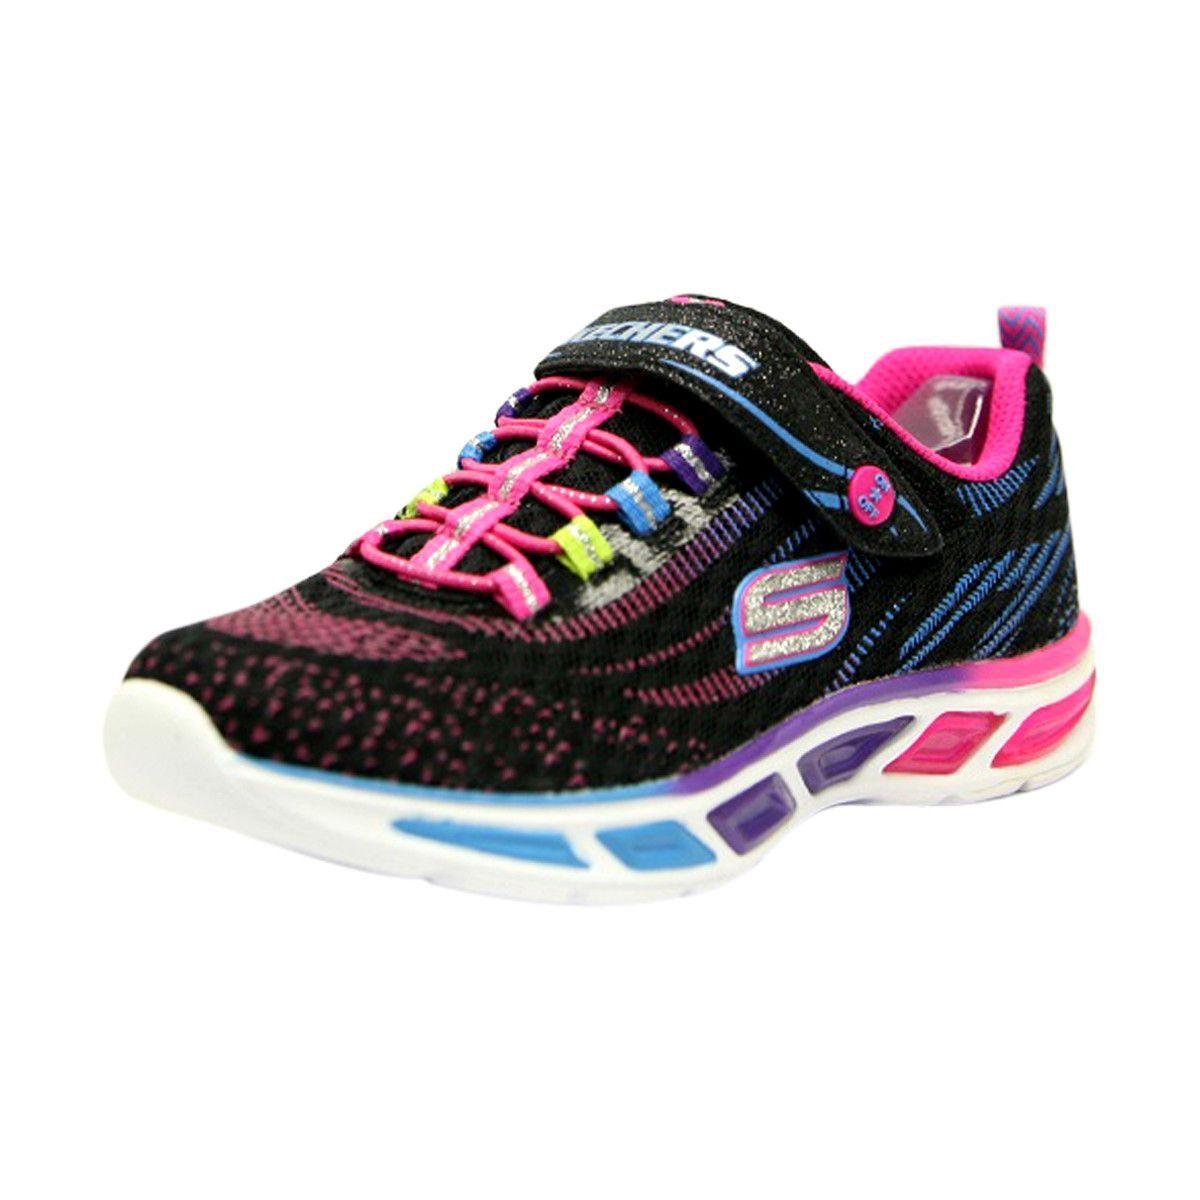 465beb84564 Skechers - Girl s Lite Beams Sneaker - Black Multi